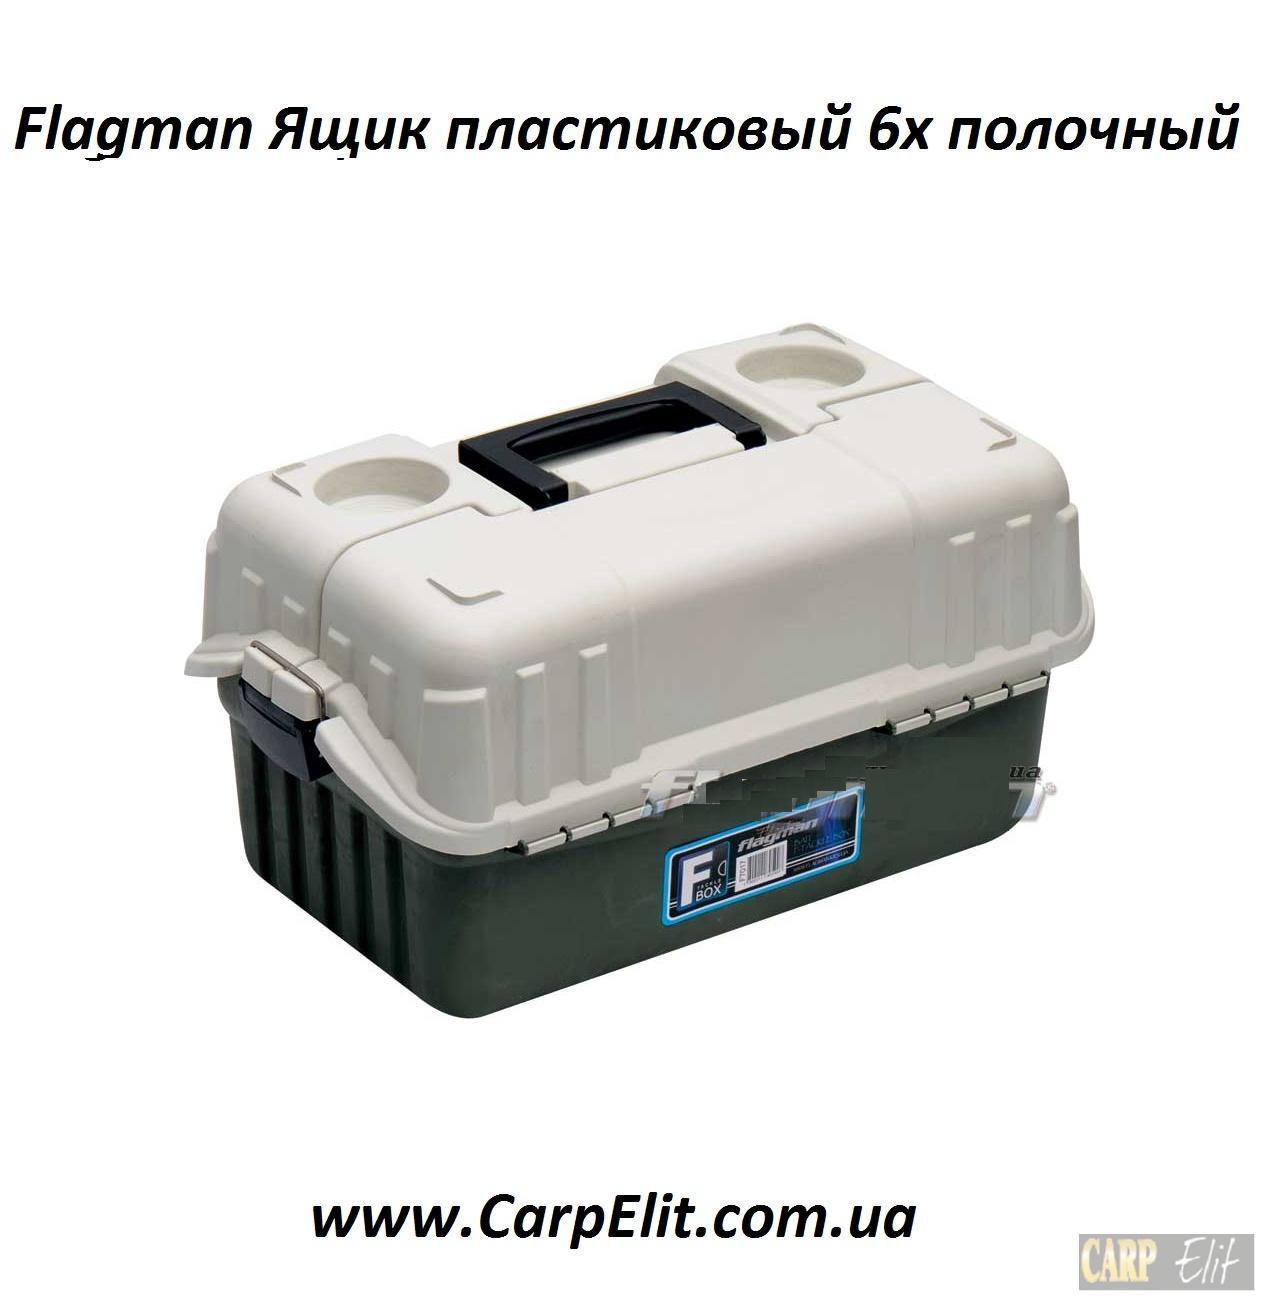 flagman рыбацкие снасти: